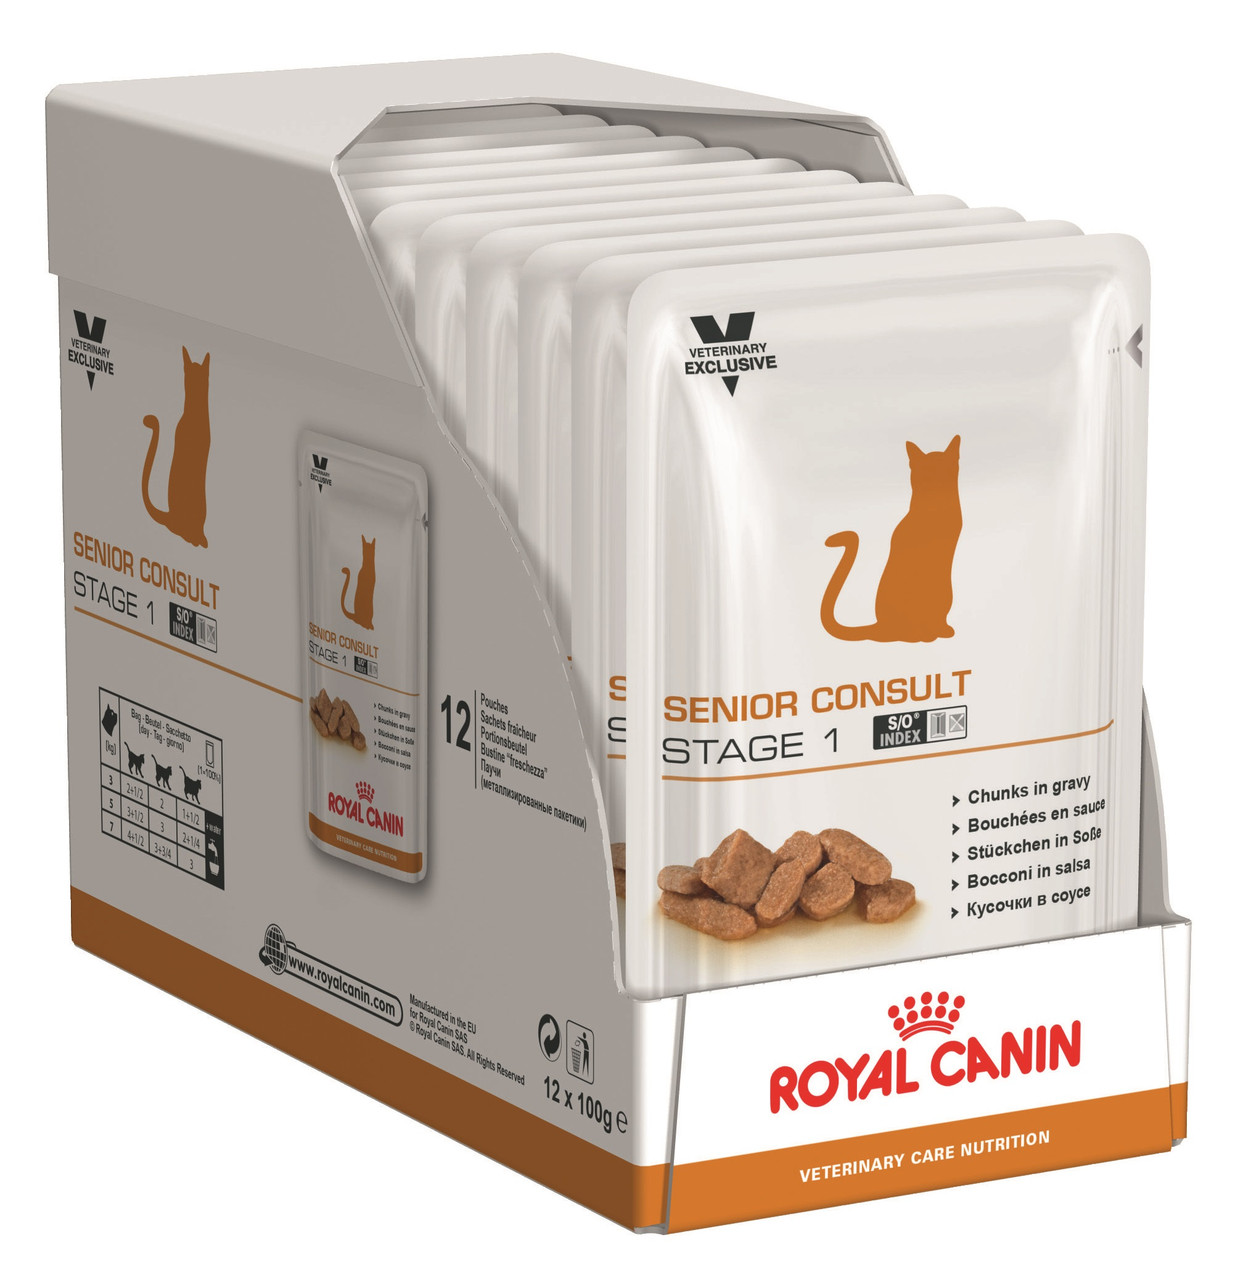 Вологий корм Royal Canin Senior Consult Stage 1 для кішок старше 7 років блок 100 г*12 шт.